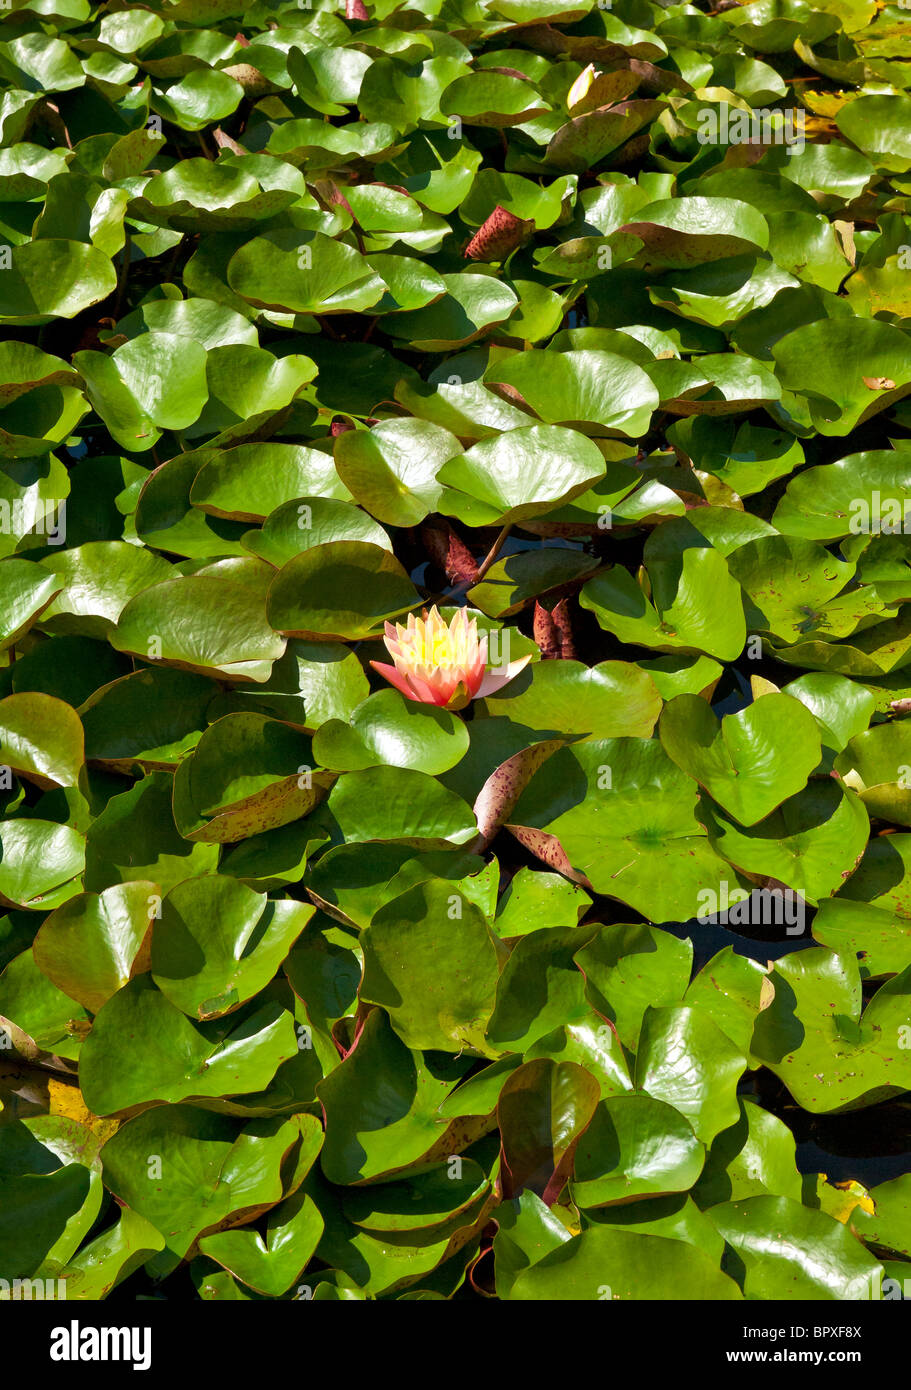 La floraison water lilly dans un jardin d'eau. Photo Stock